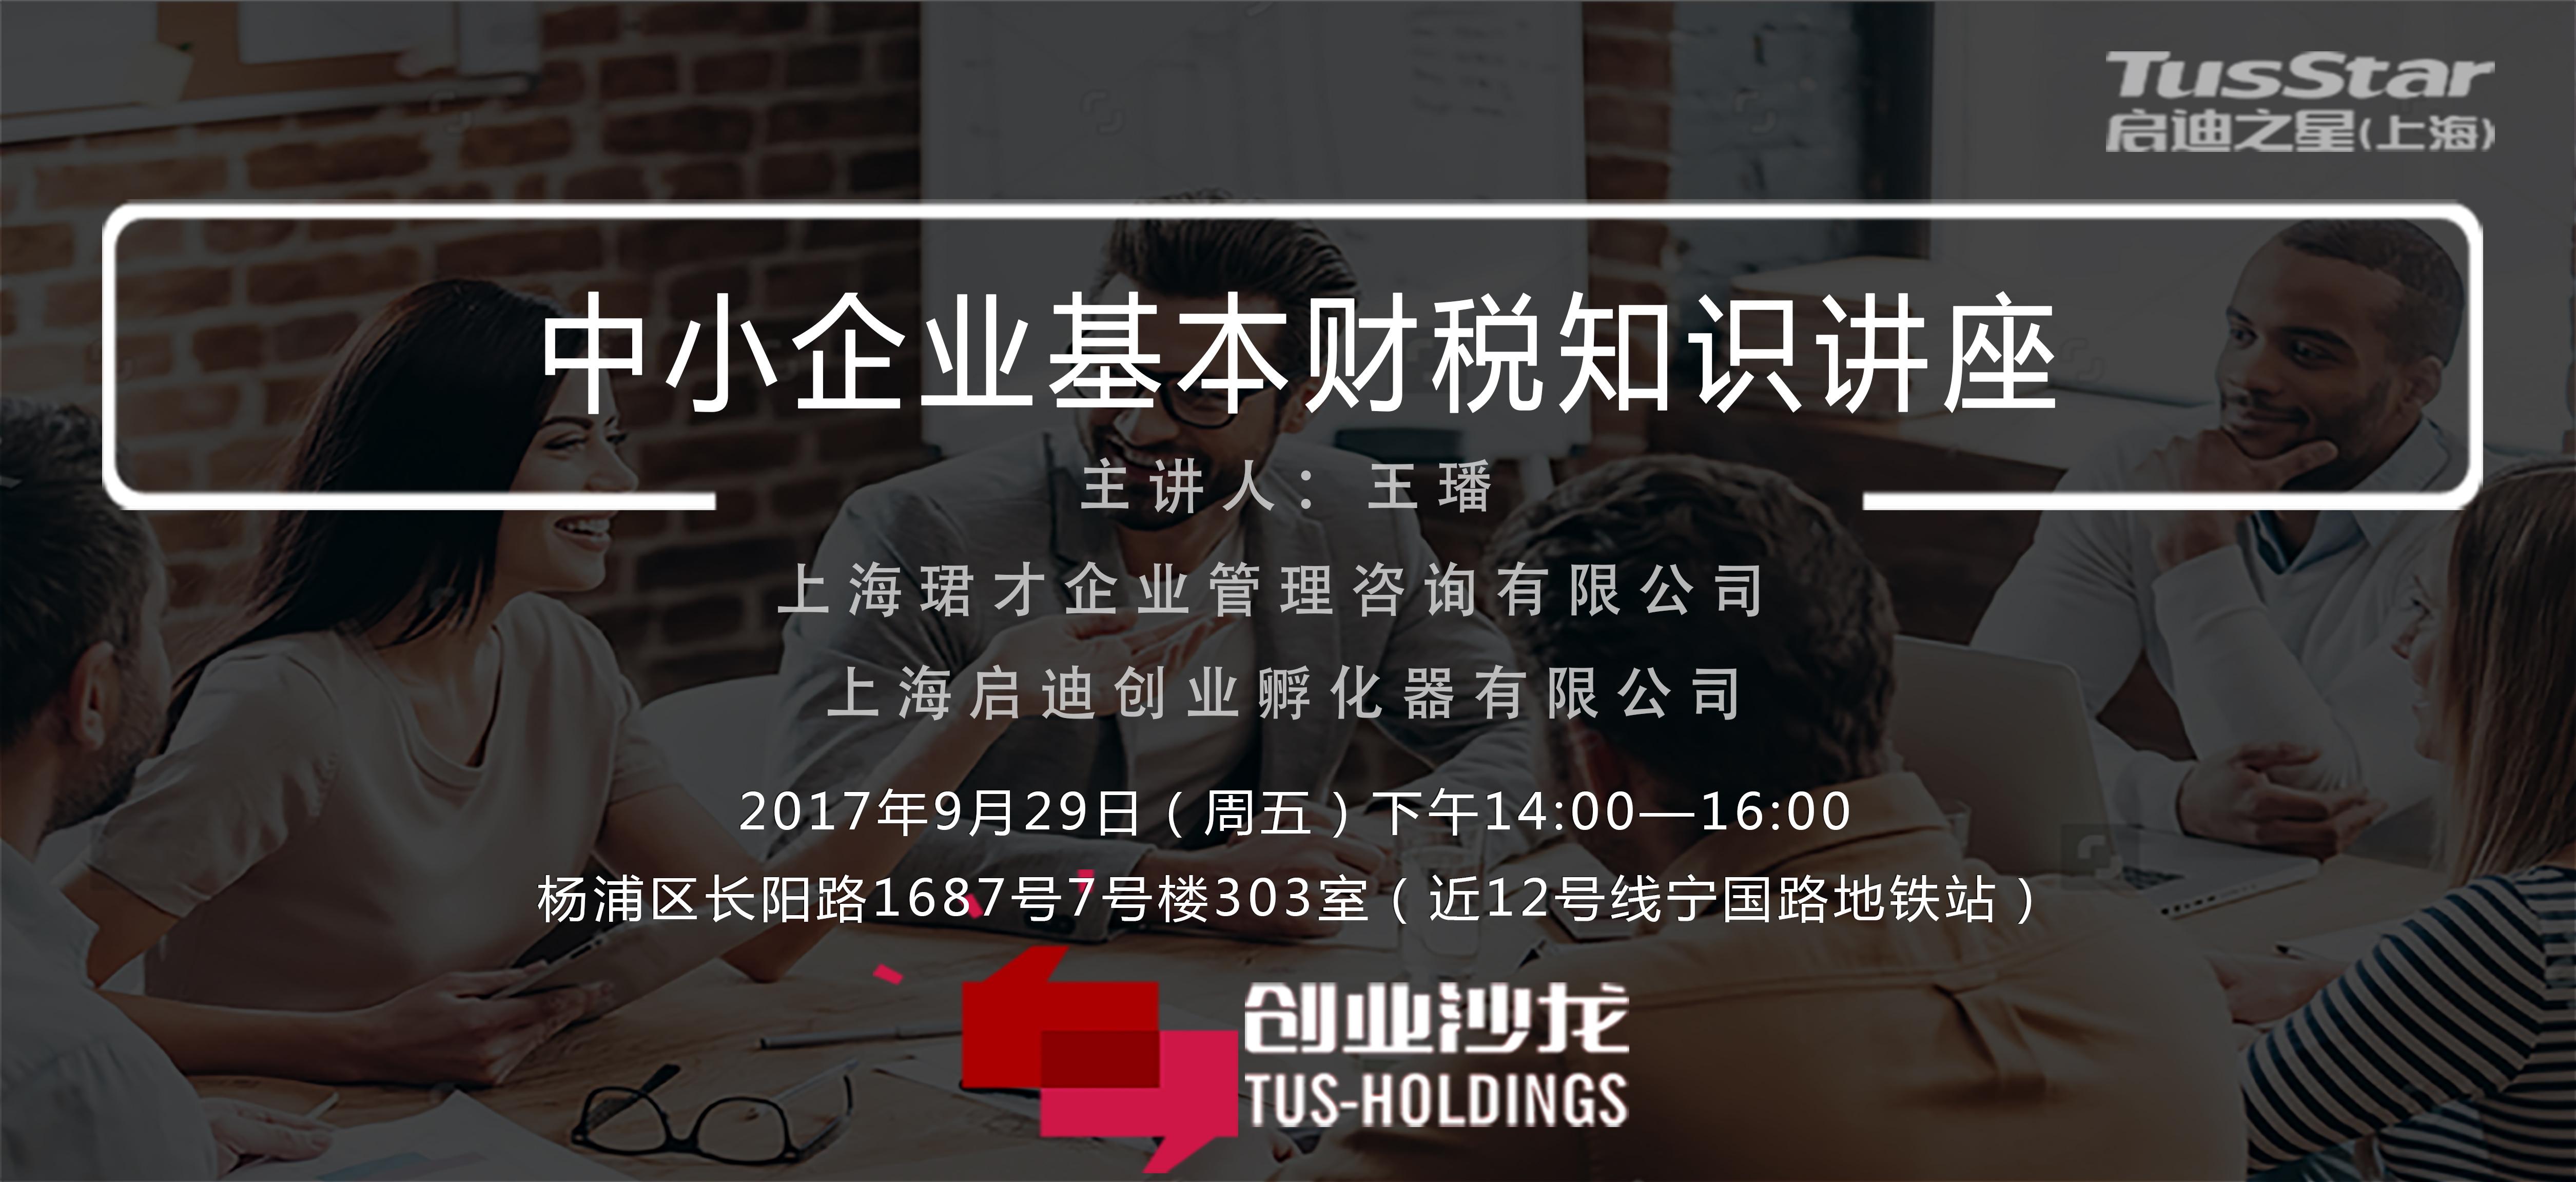 创业沙龙|中小企业基本财税知识讲座